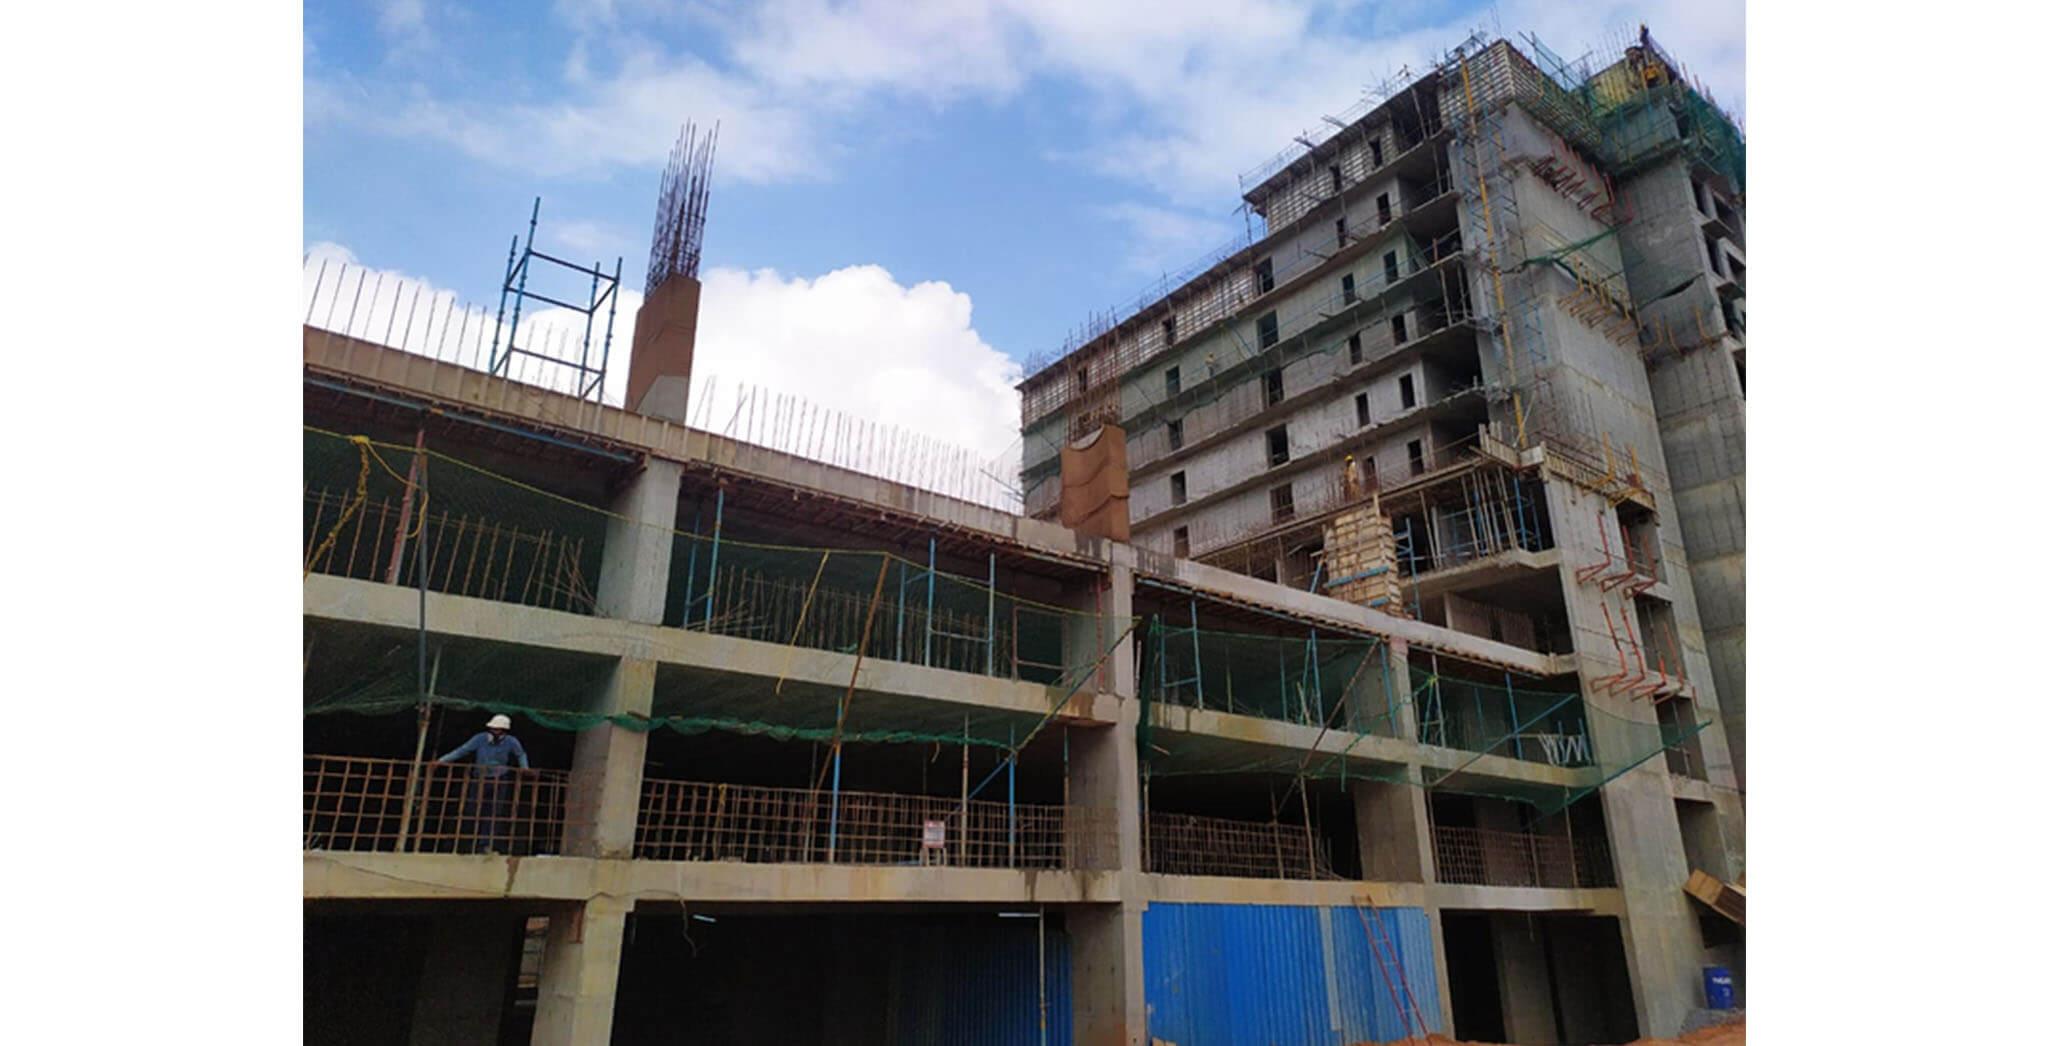 MLCP 01-Towards H—First floor work-in-progress - Status Image 2